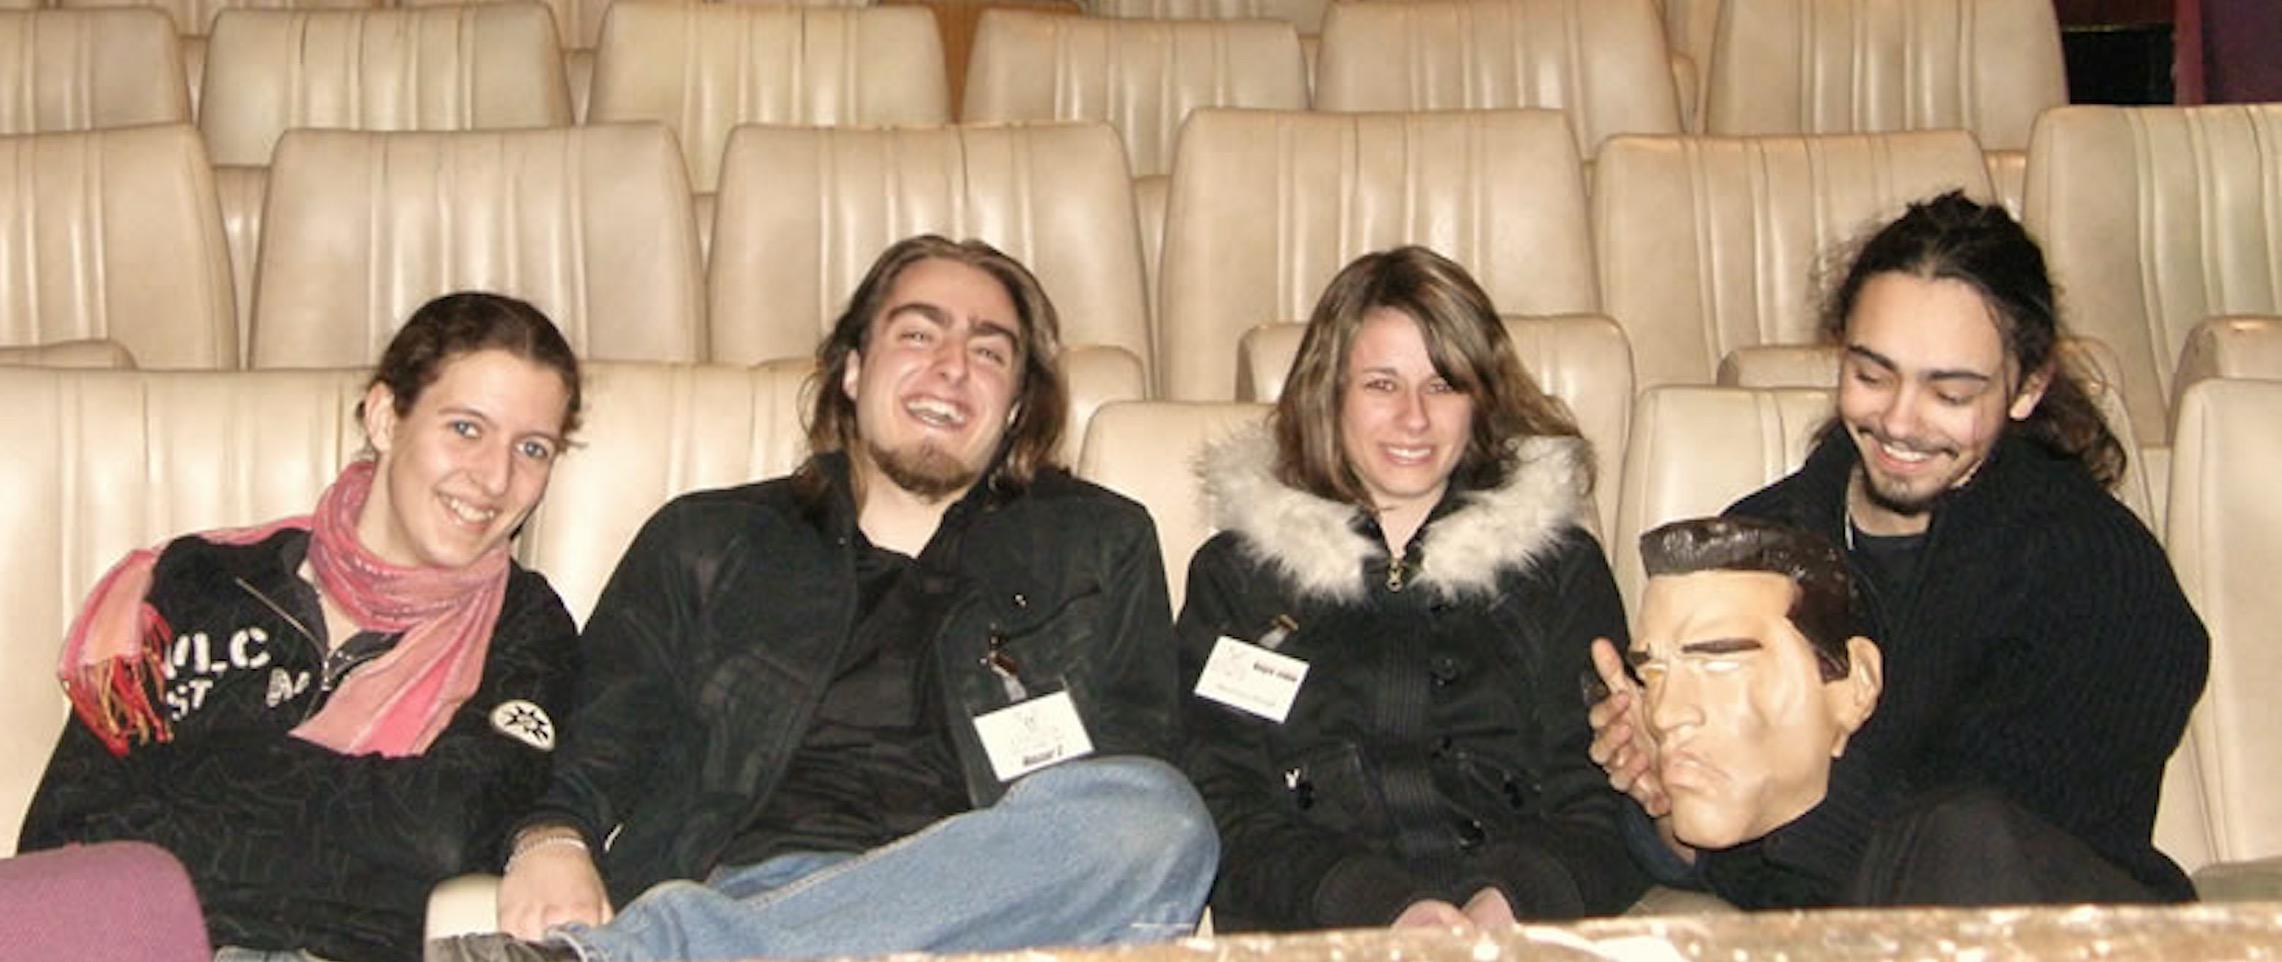 Samuel et Valentin, accompagnés de Cécile et Sandrine, les techniciennes de la troupe.